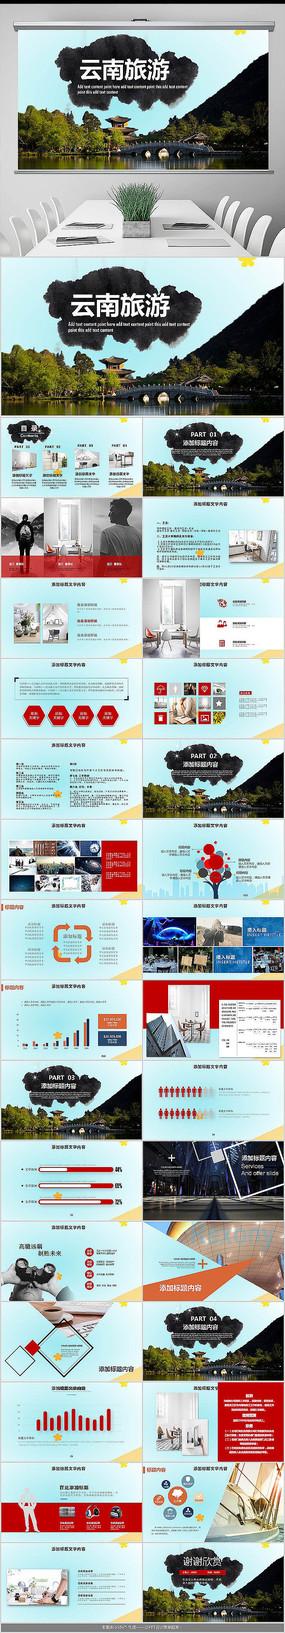 中国云南旅游PPT模板 pptx